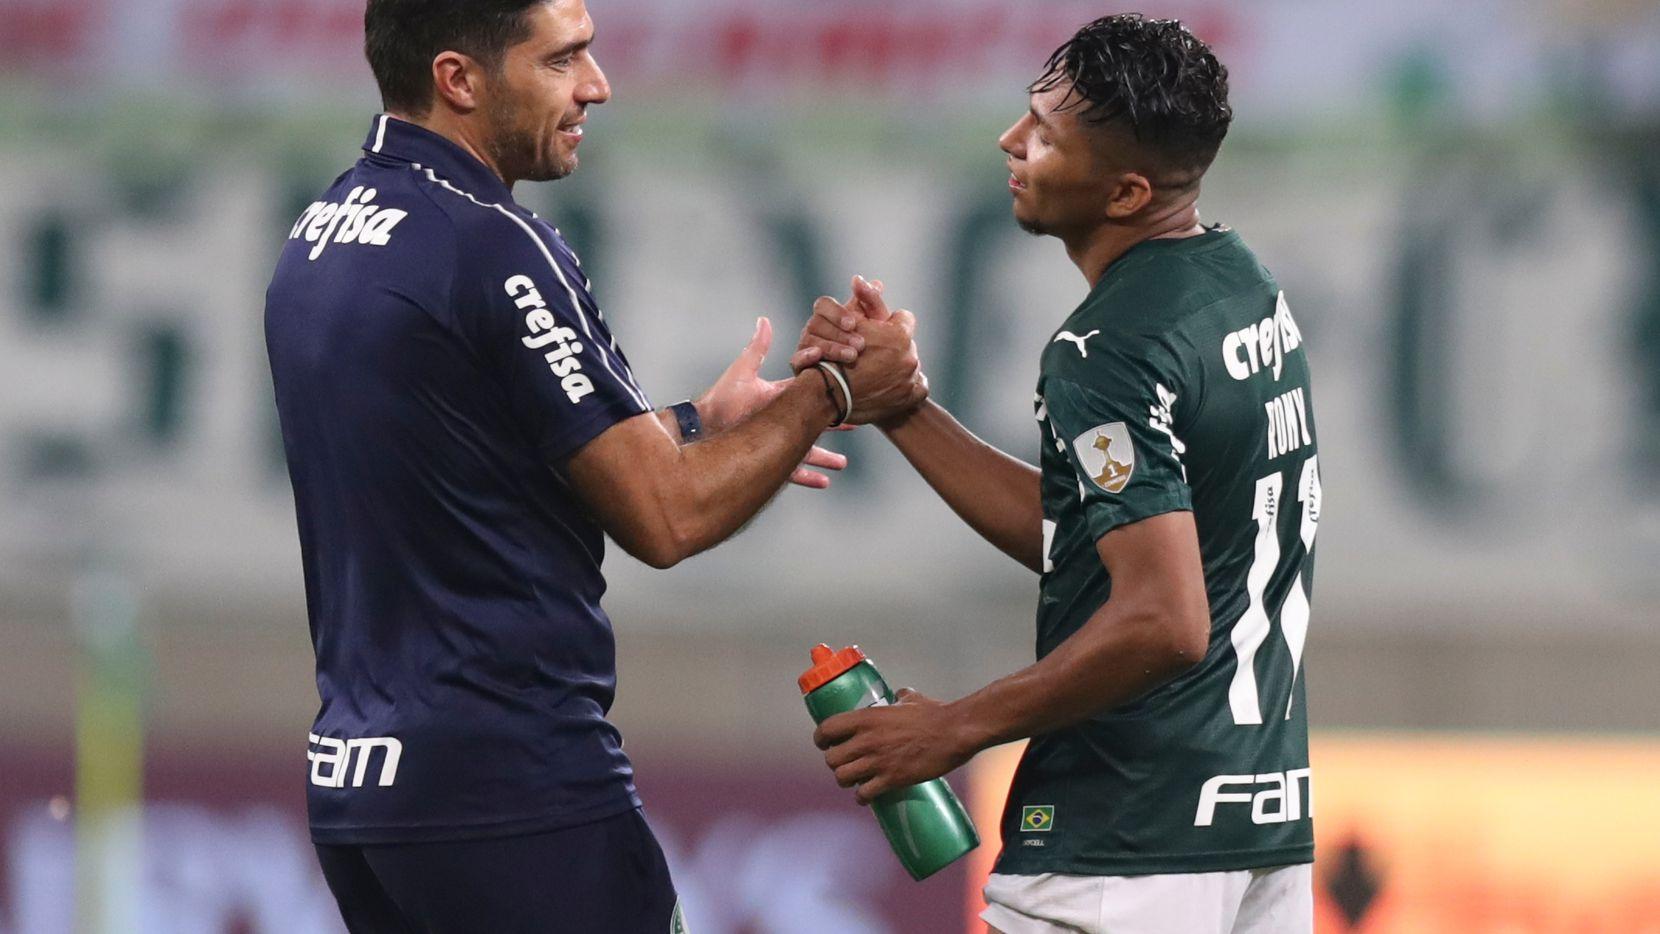 El entrenador del Palmeiras, Abel Ferreira (der), felicita a uno de sus jugadores tras haber conseguido el pase a la final de la Copa Libertadores de América.